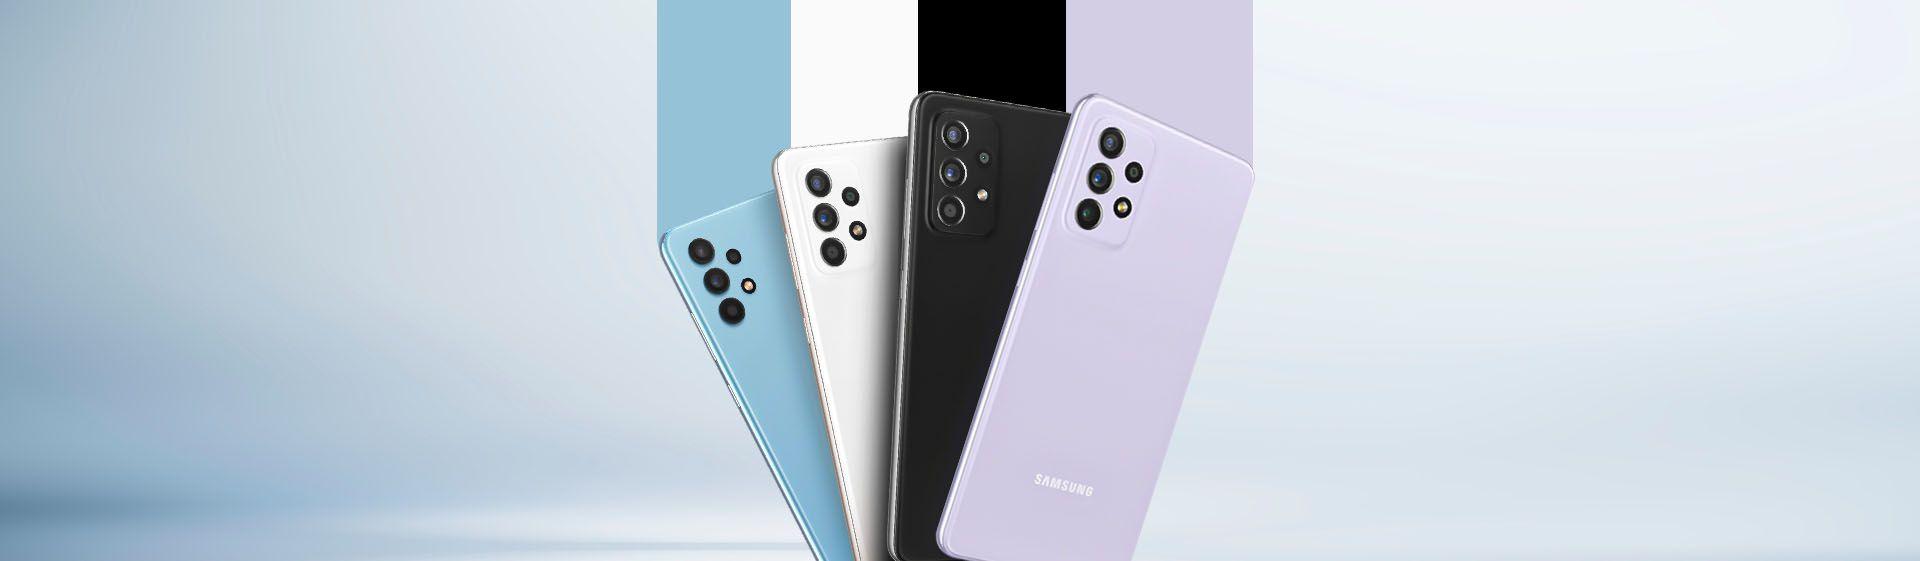 Galaxy A: opções da linha da Samsung para comprar em 2021